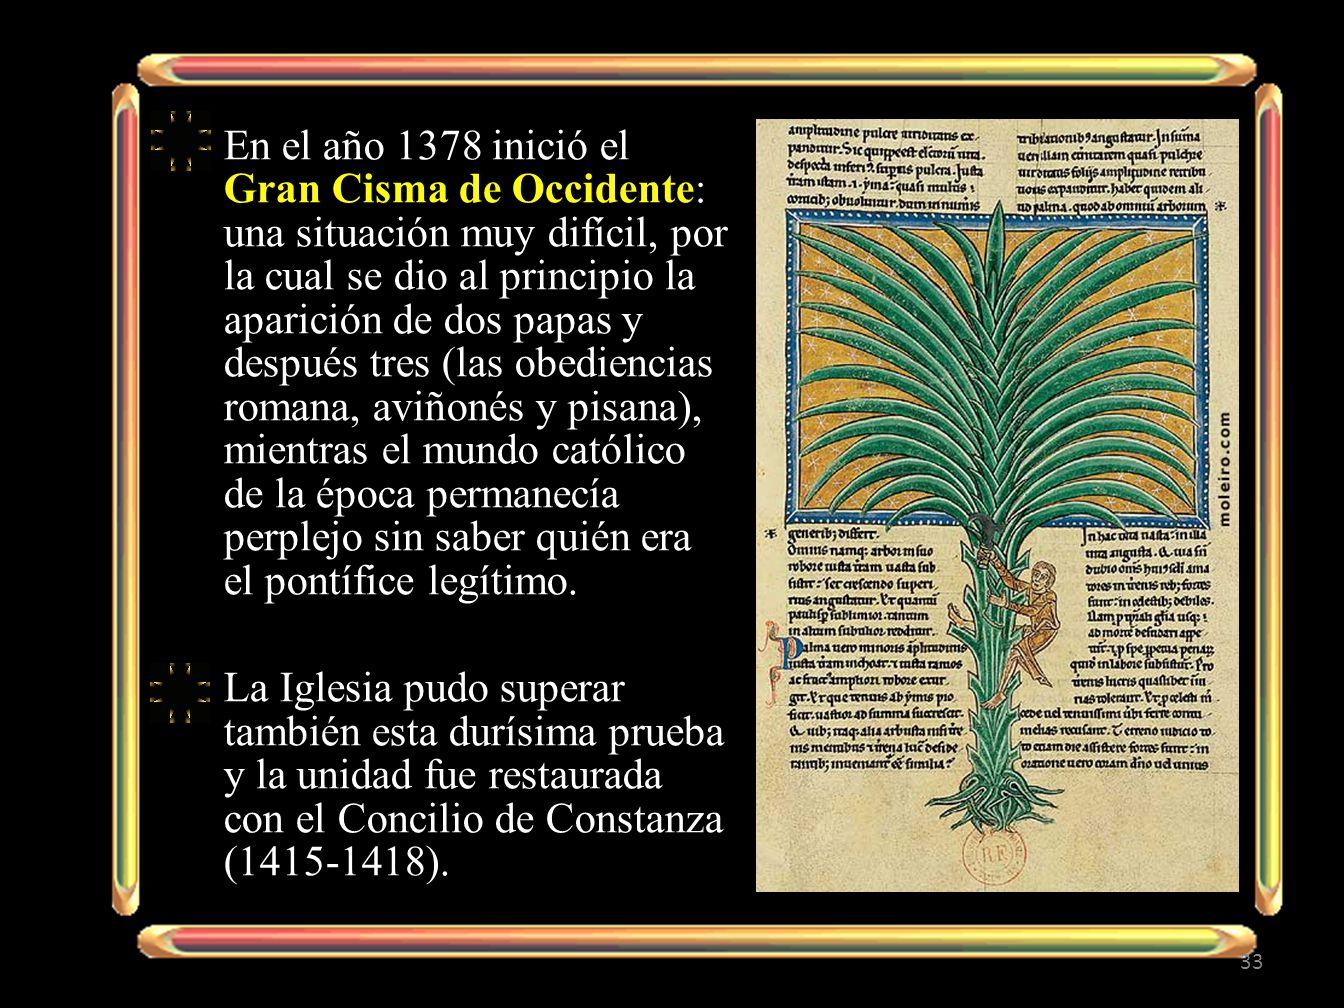 En el año 1378 inició el Gran Cisma de Occidente: una situación muy difícil, por la cual se dio al principio la aparición de dos papas y después tres (las obediencias romana, aviñonés y pisana), mientras el mundo católico de la época permanecía perplejo sin saber quién era el pontífice legítimo.